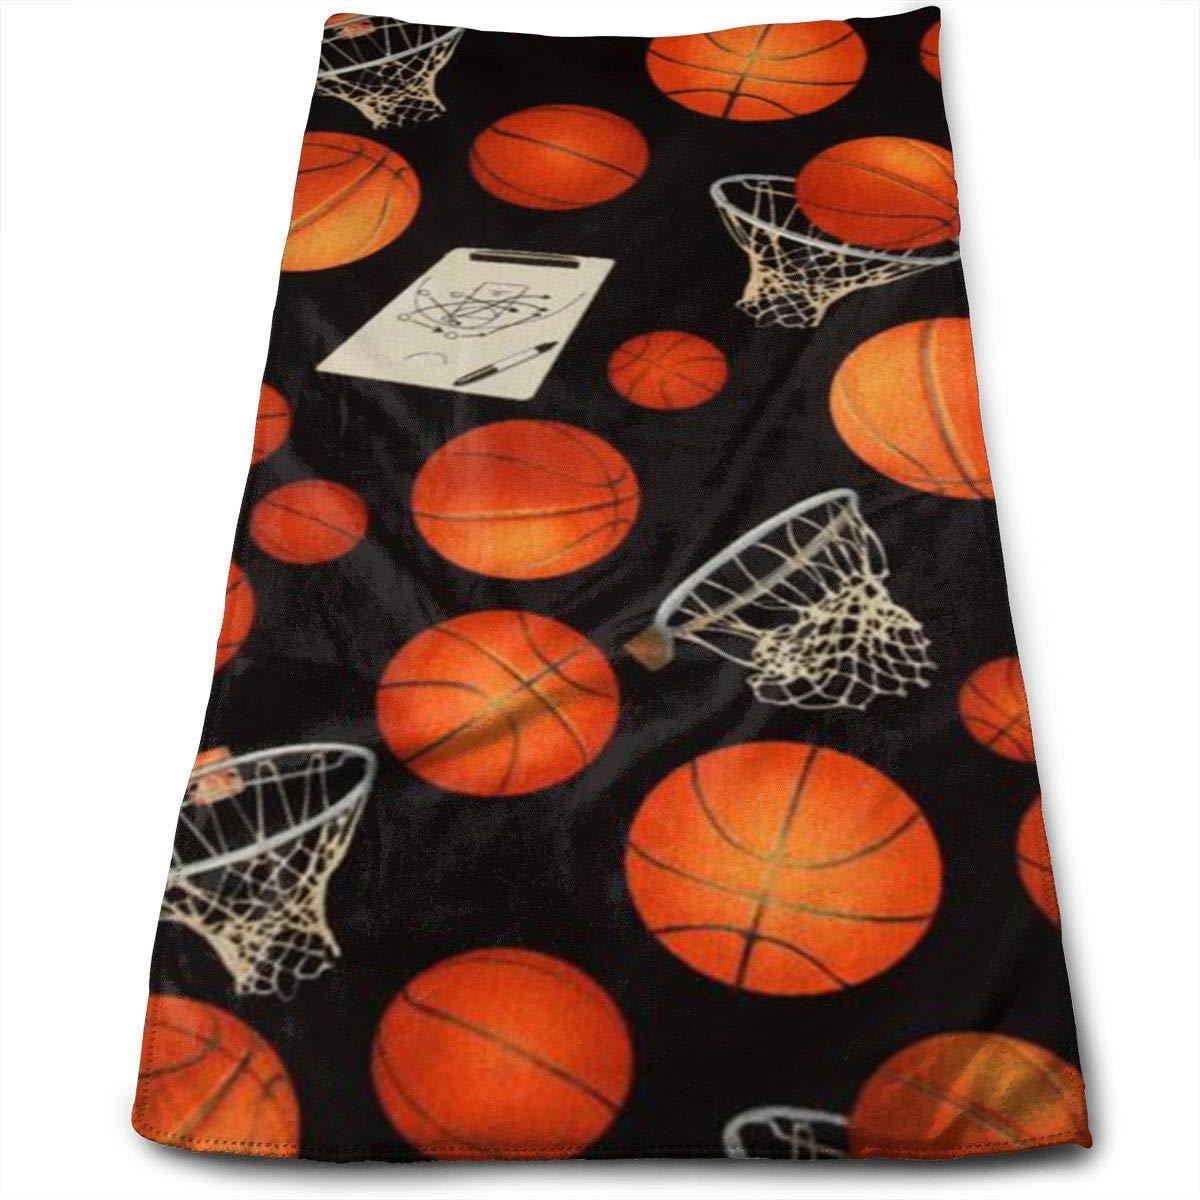 Baloncesto y Marco de Baloncesto Toalla de Mano Grande de algodón ...